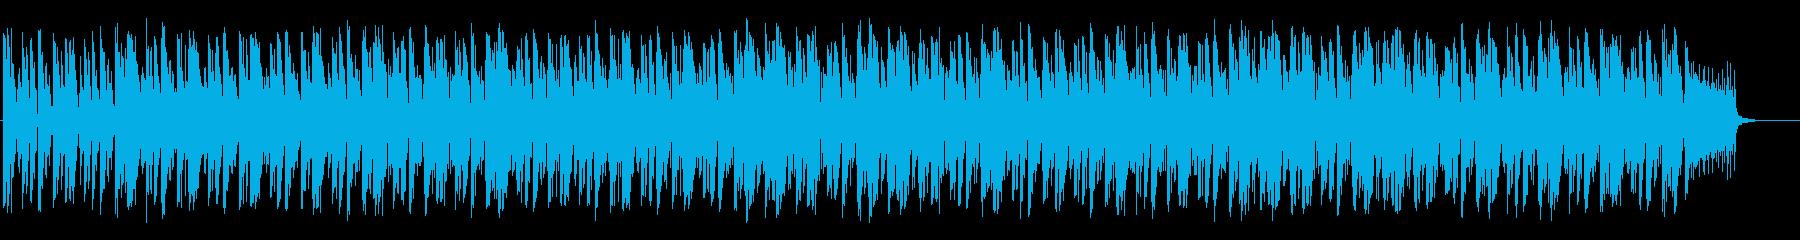 ダイナミックで躍動感のあるBGMの再生済みの波形